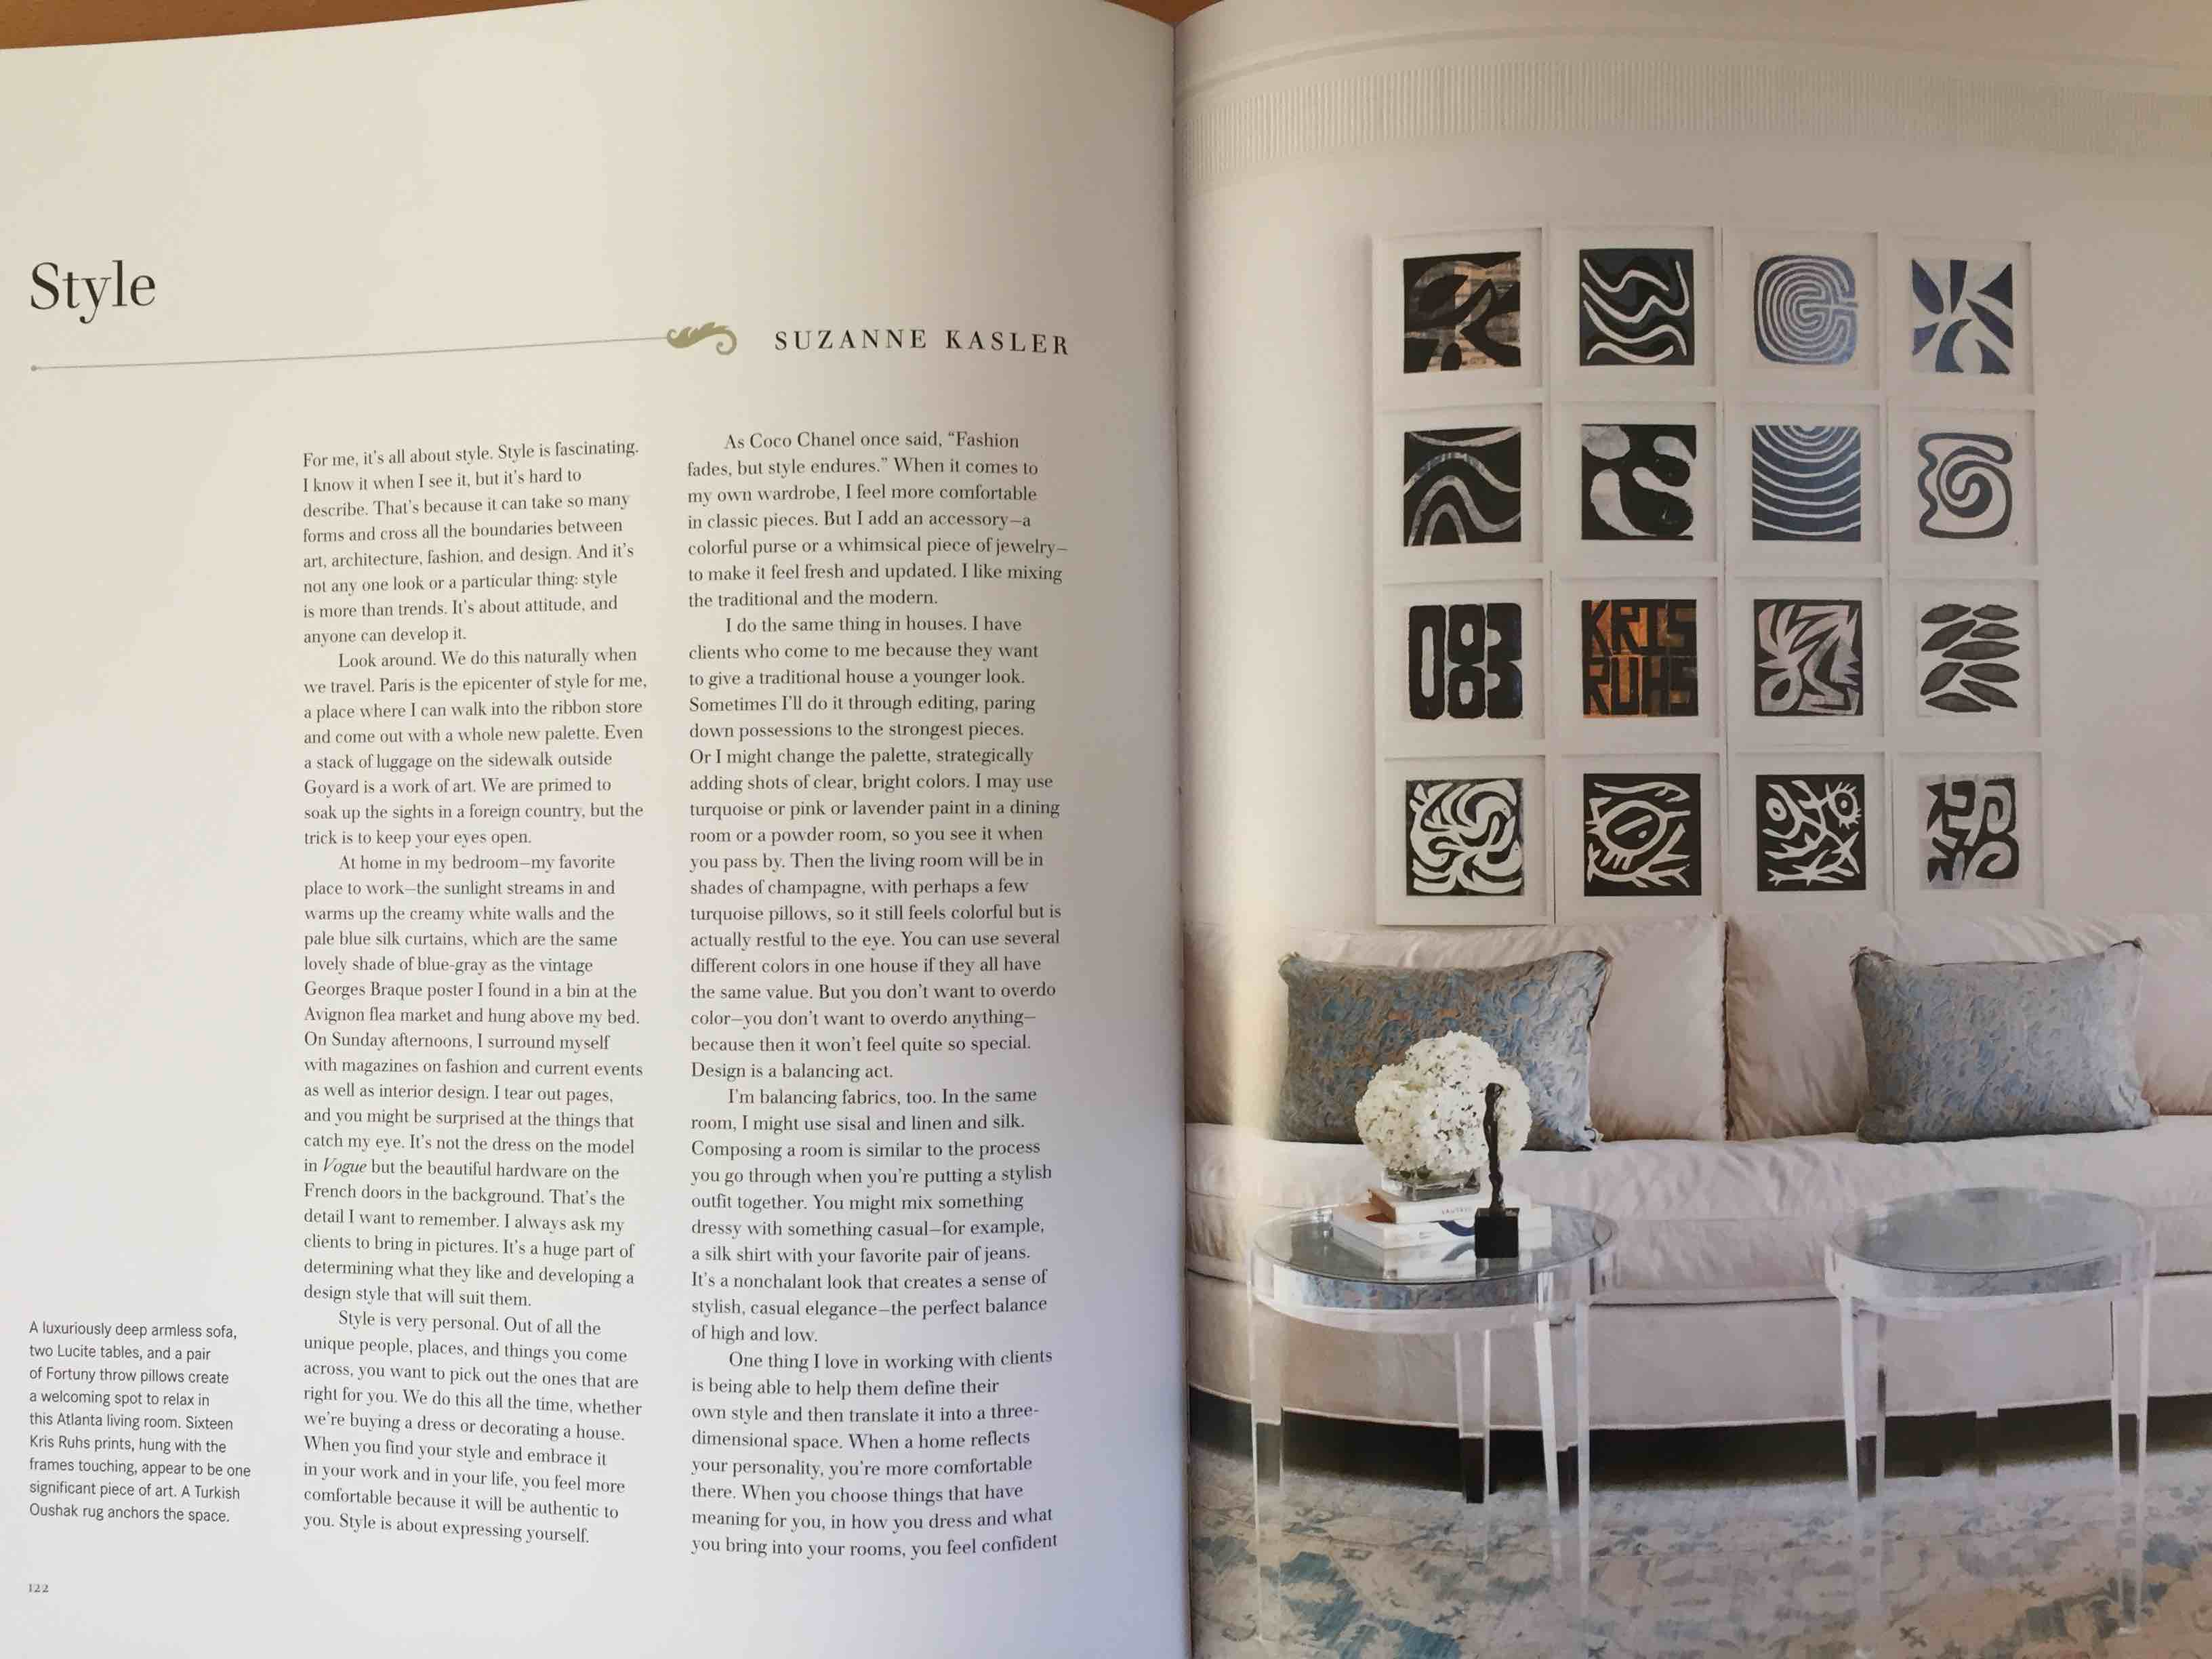 Interior-design-masterclass-carl-dellatore-books-style